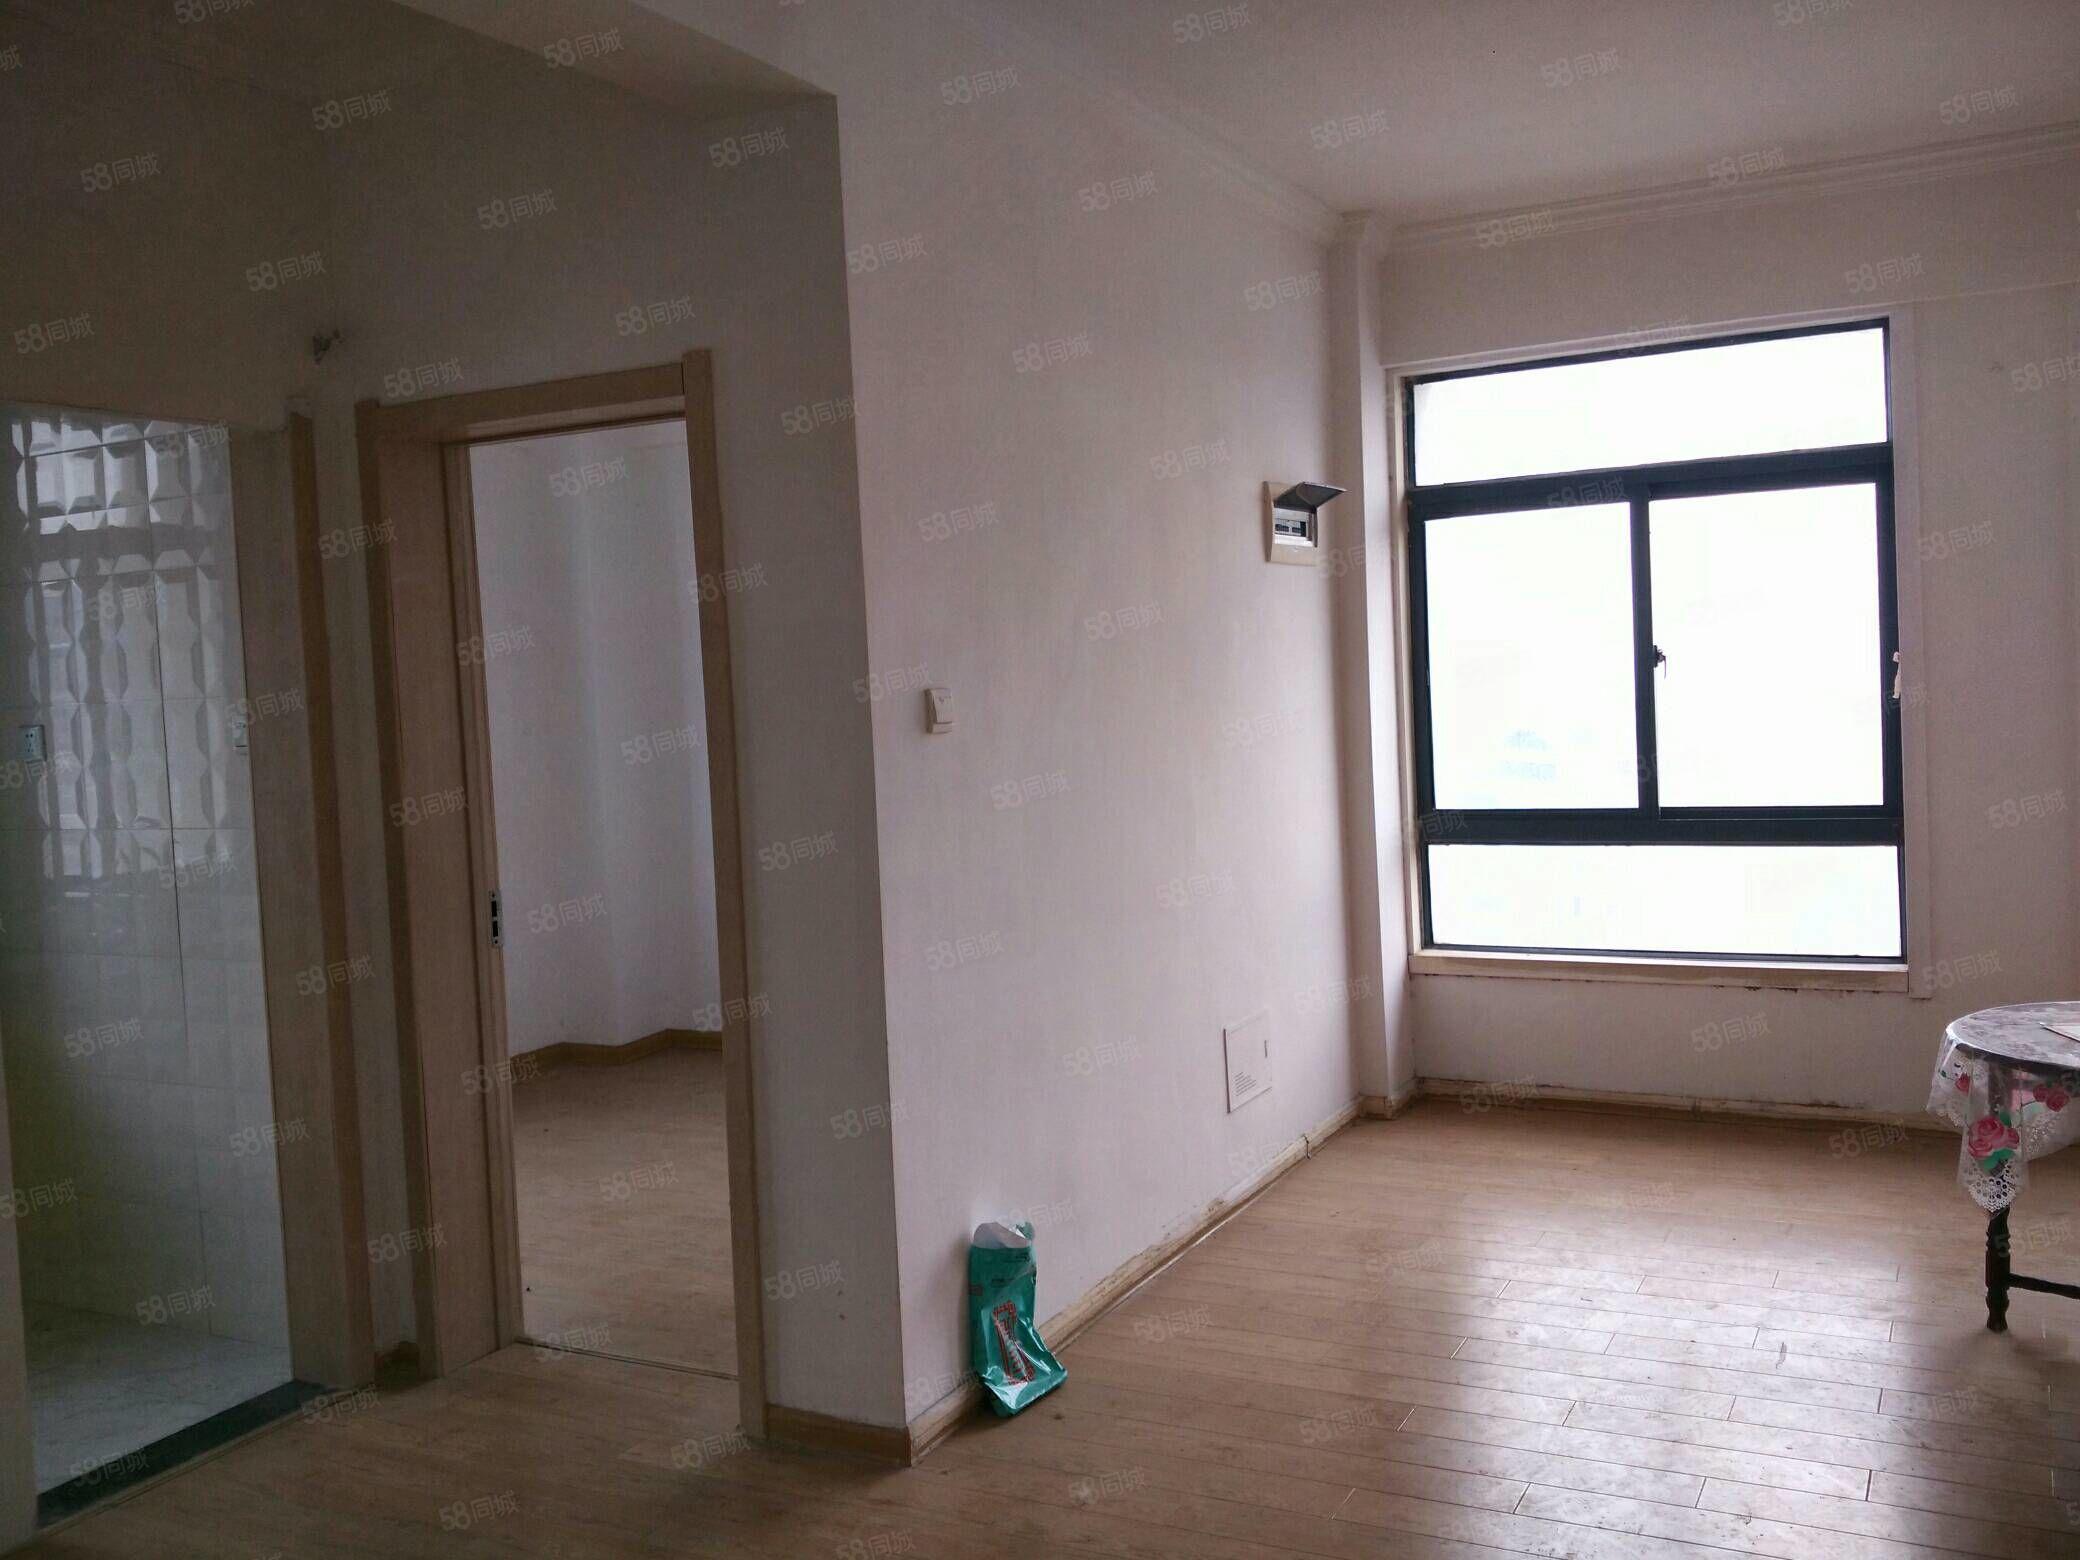 金鹰国际,三室一厅一卫,新房未住,